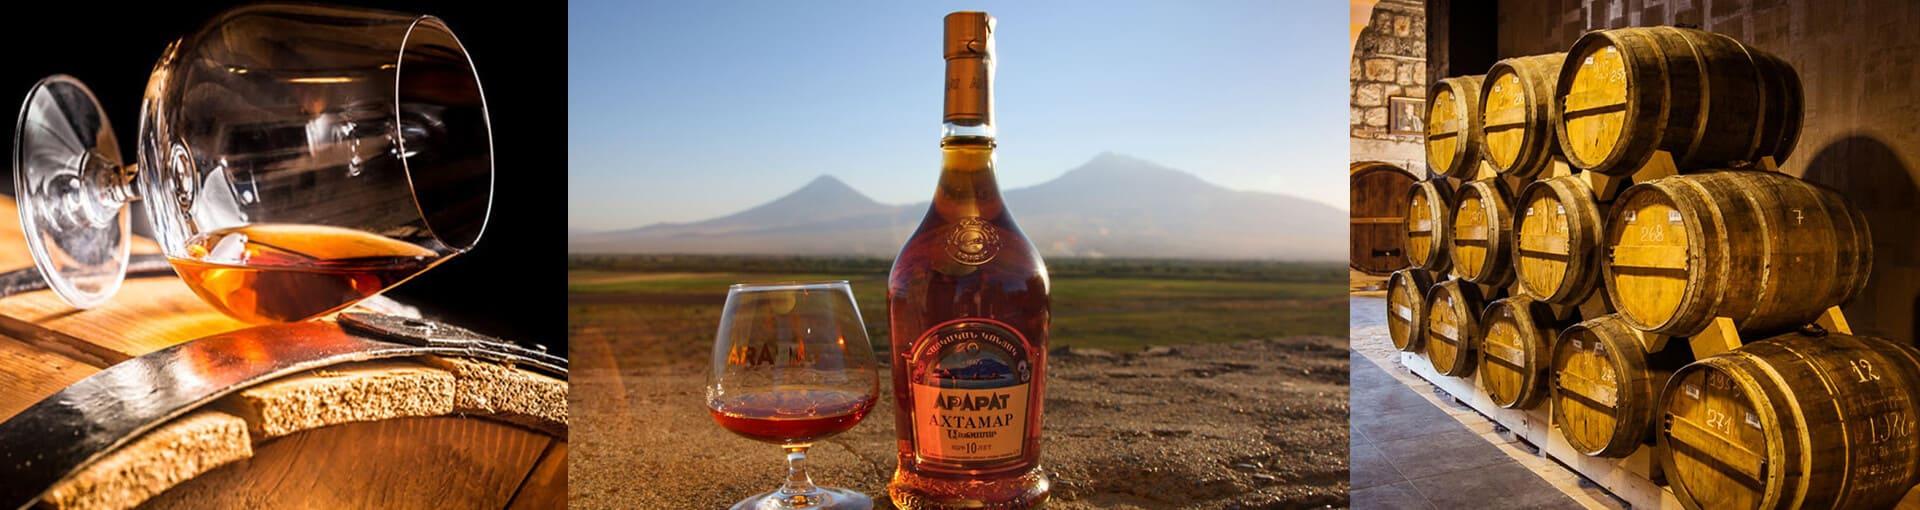 The Armenian Brandy